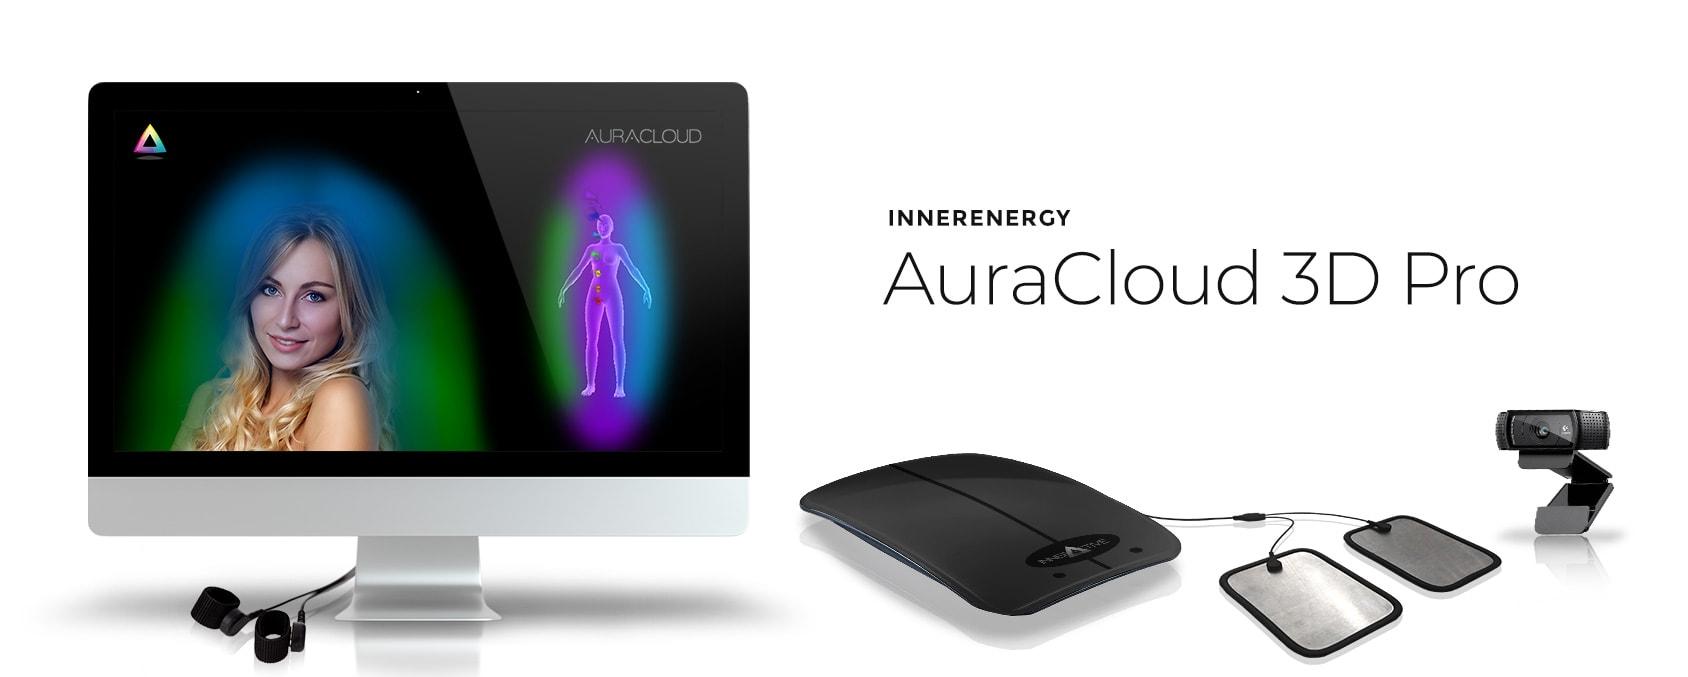 AuraCloud 3D Pro